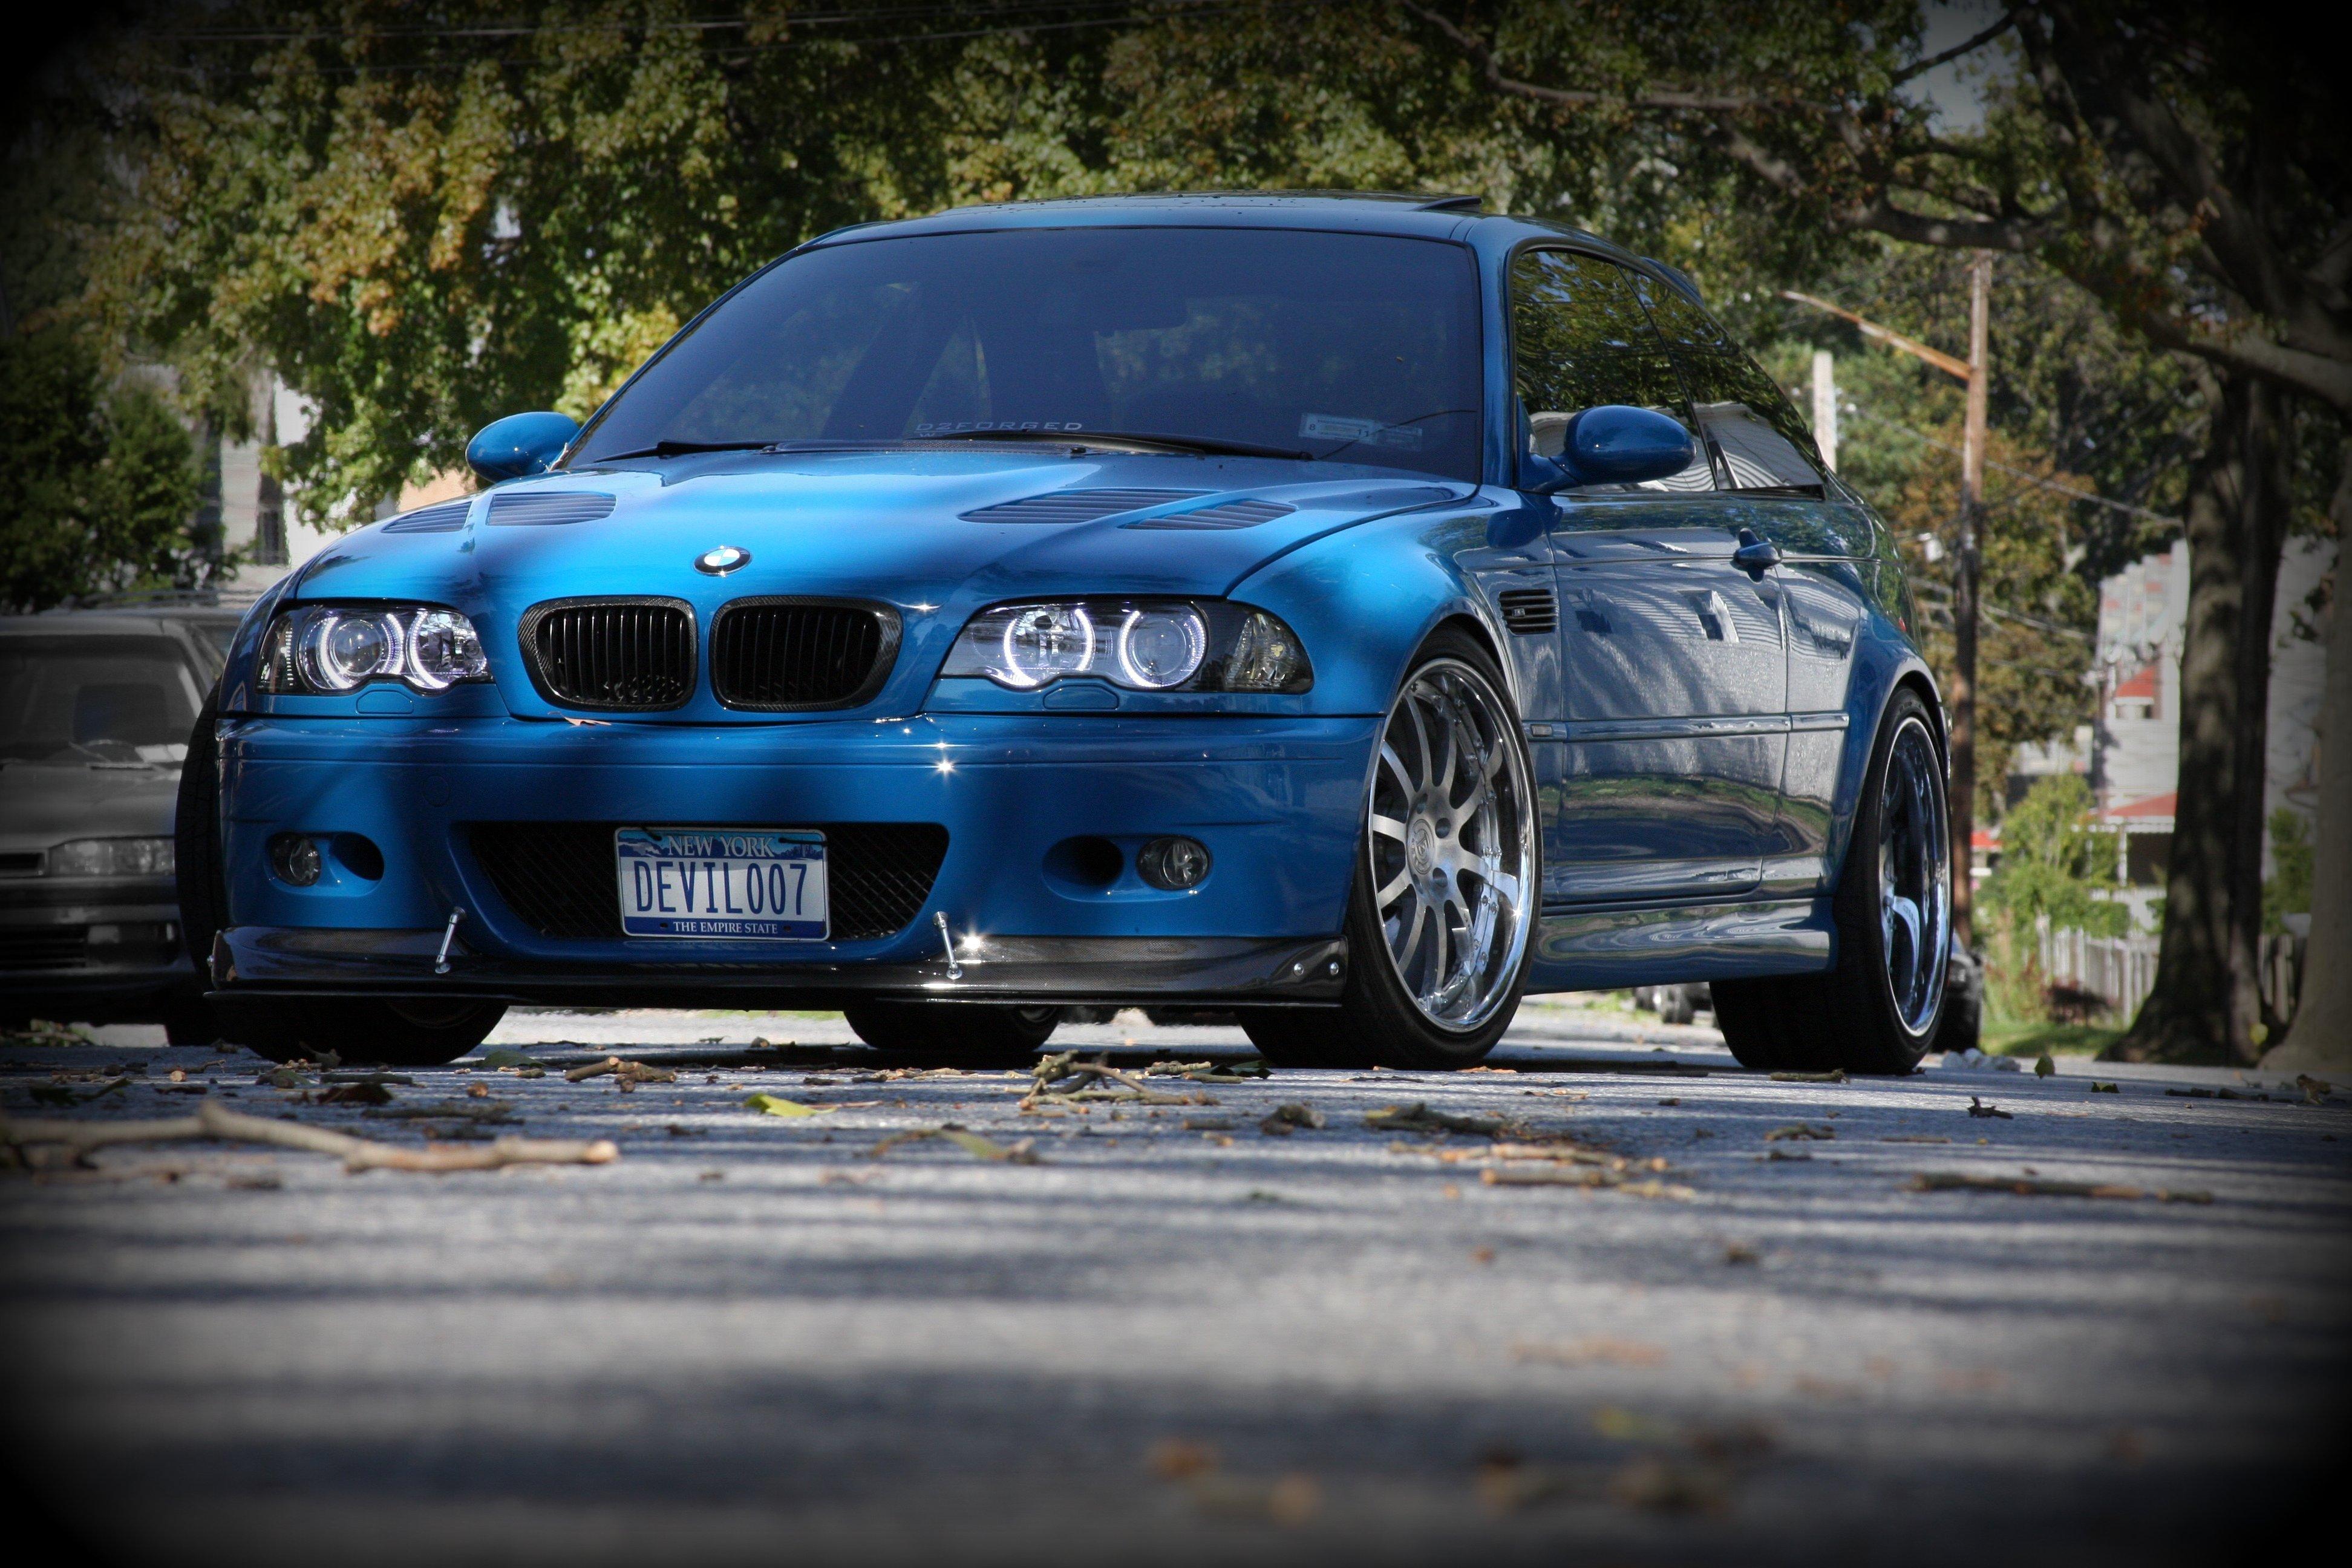 Sfondi Blu E46 Auto Sportiva Bmw M3 Coupe Convertibile